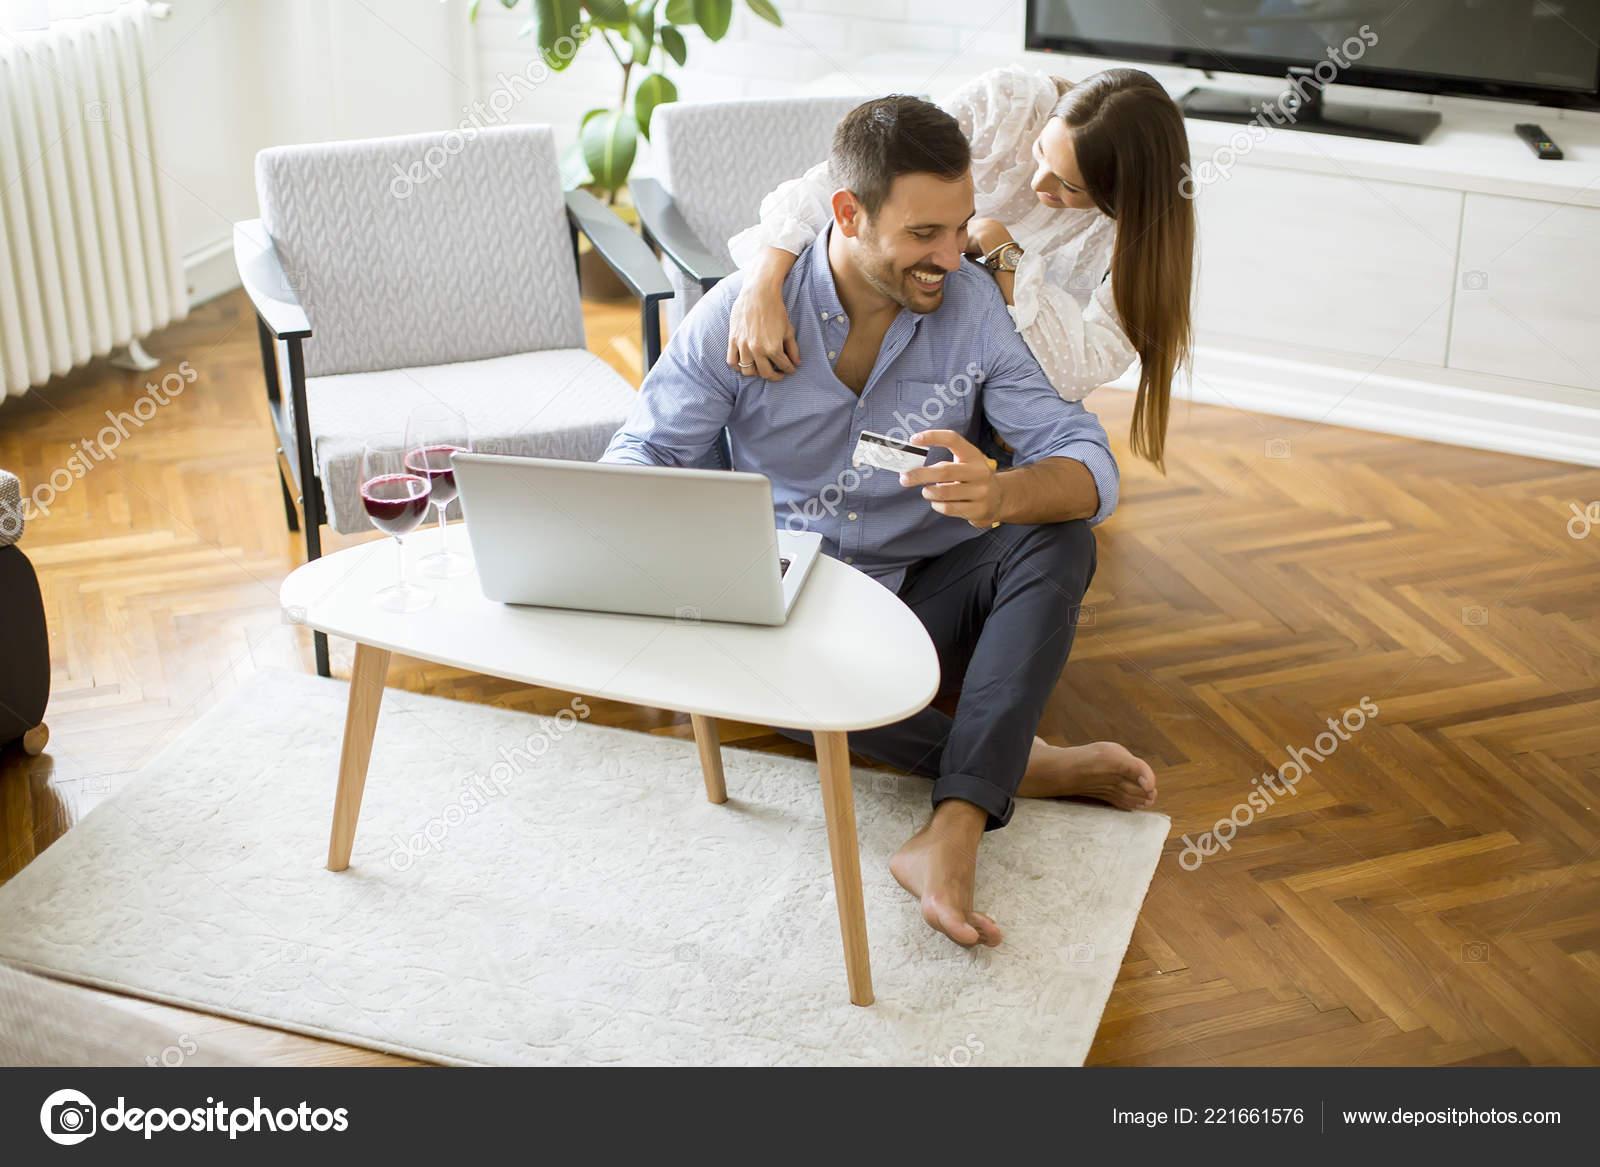 2f7118da26 Casal Alegre Pesquisar Internet Compras Line Sala Estar Casa — Fotografia  de Stock